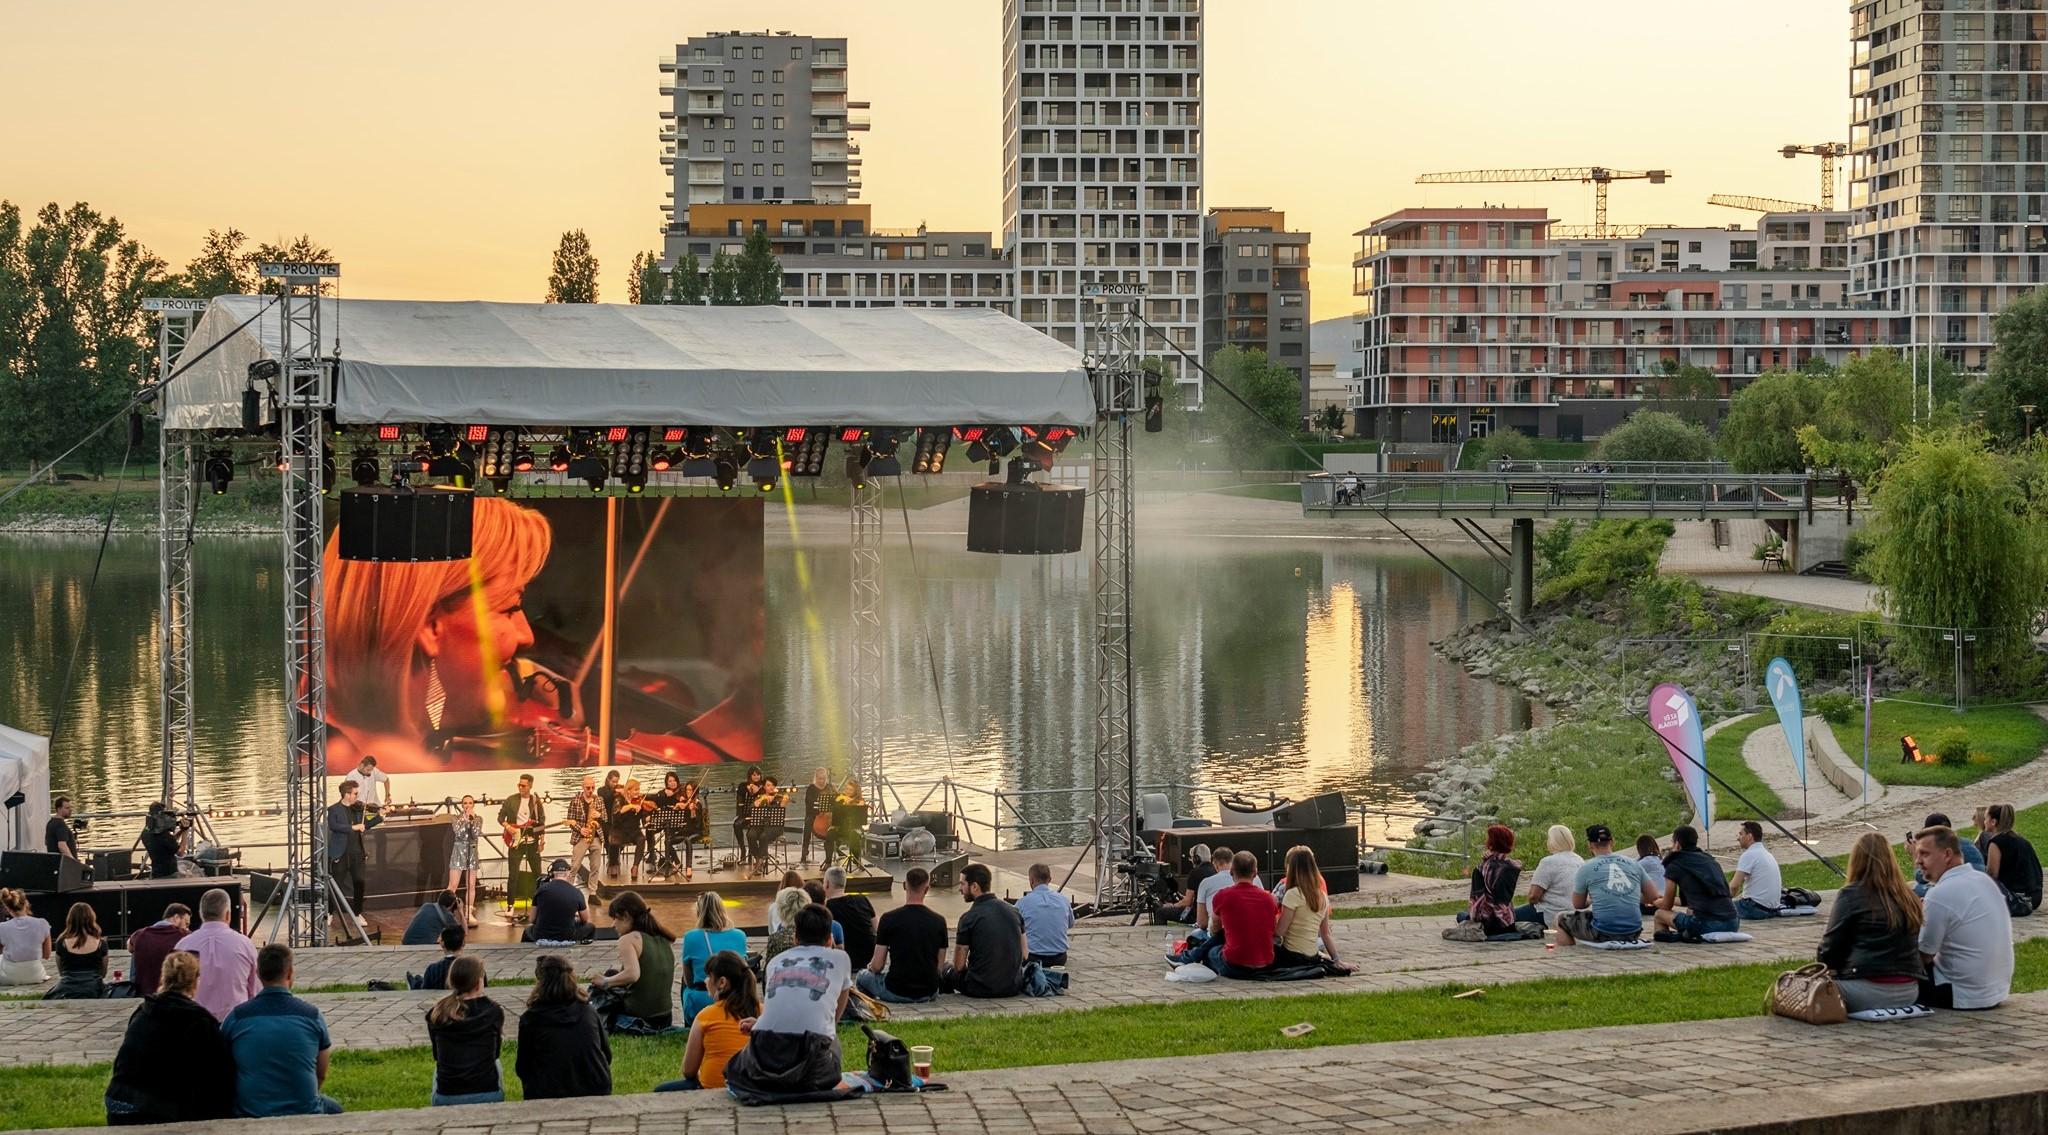 Ingyenes Duna-parti kertmozi nyílik a Kopaszi-gáton